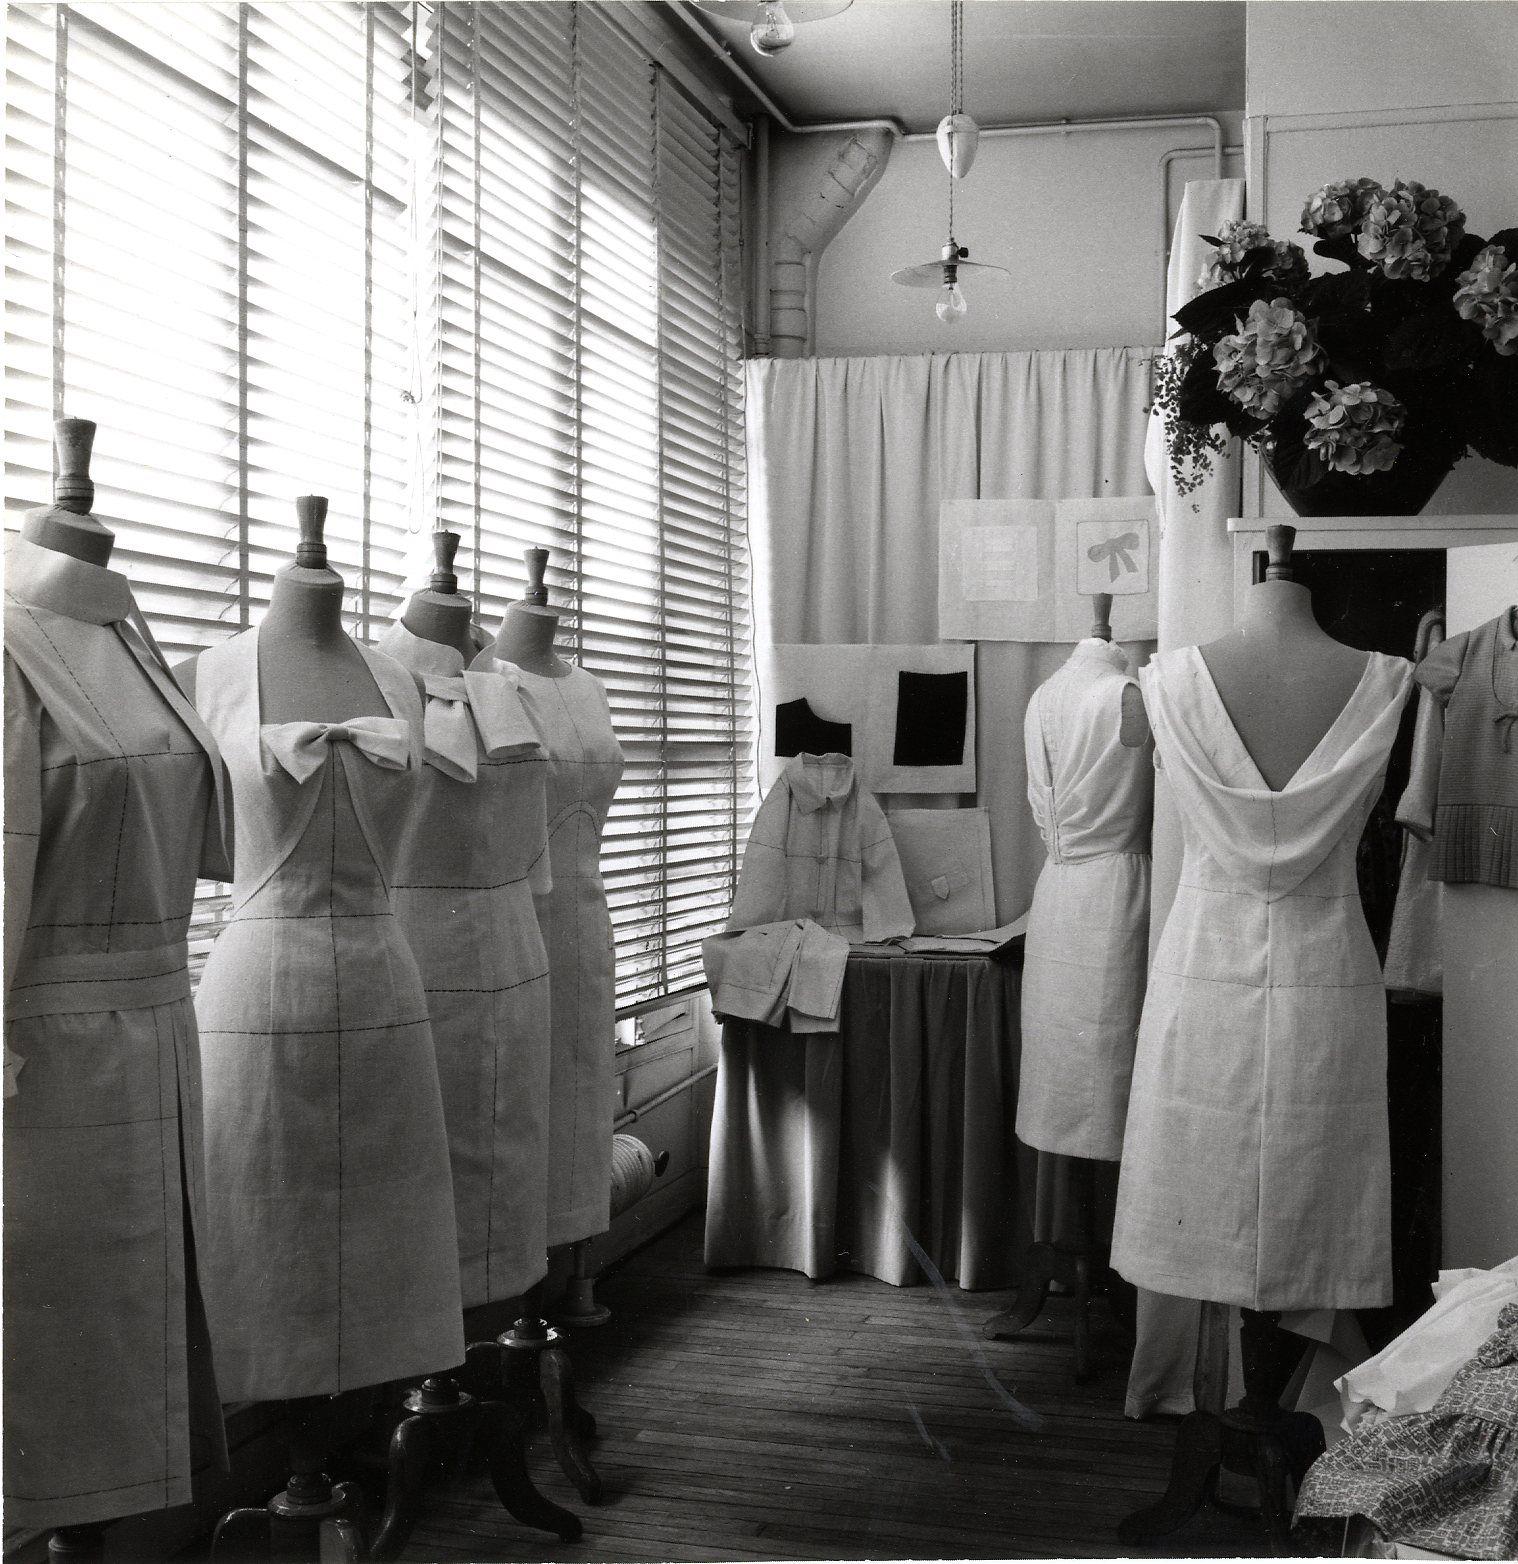 histoire cole de mode paris ecole de la chambre syndicale de la couture parisienne. Black Bedroom Furniture Sets. Home Design Ideas